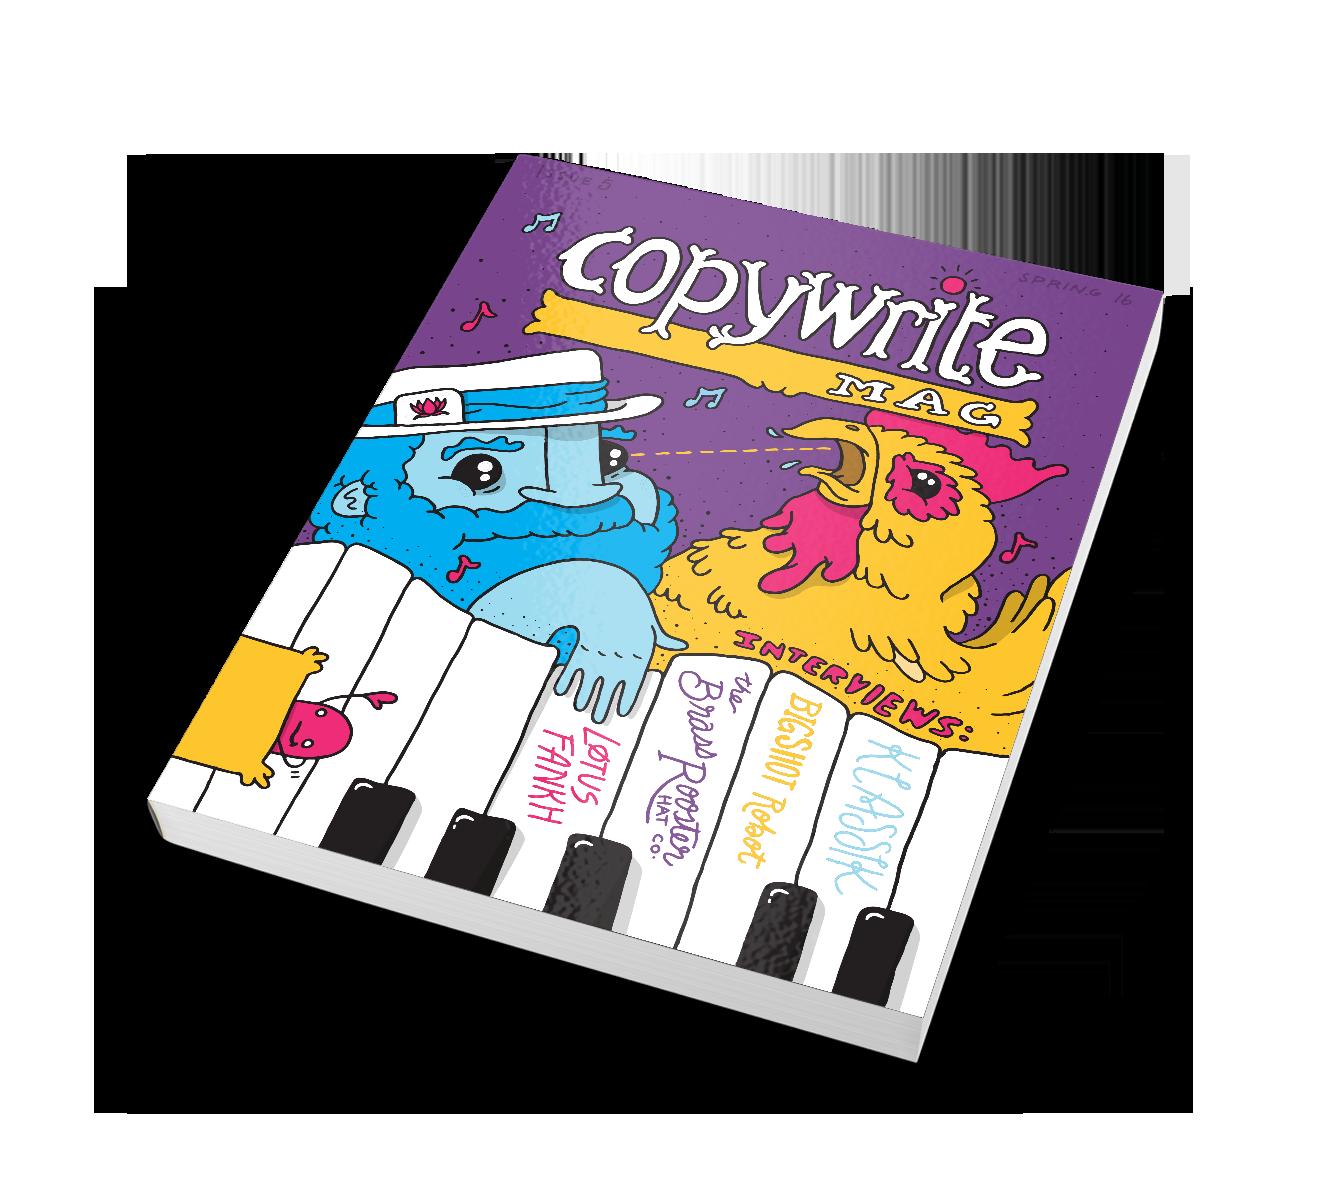 Cover-Copywrite.png